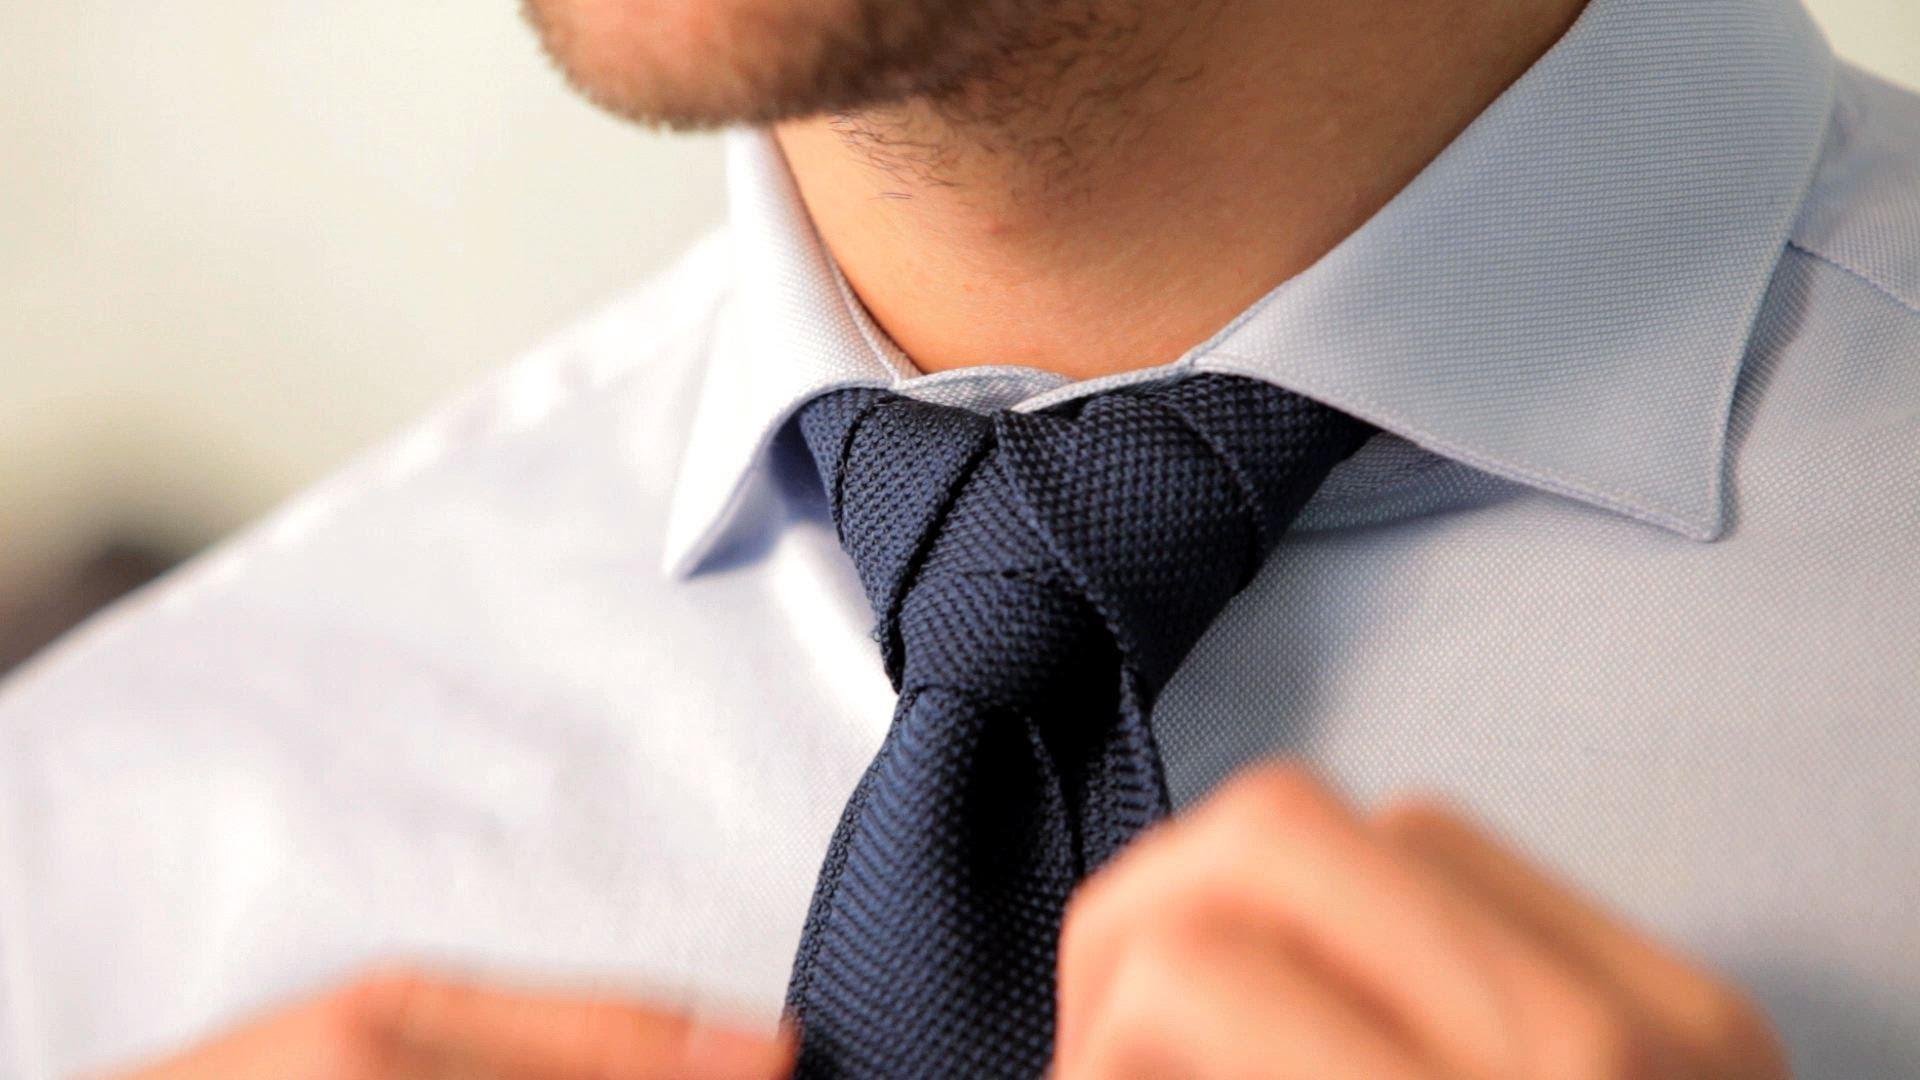 Krawattenknoten binden Sie kinderleicht